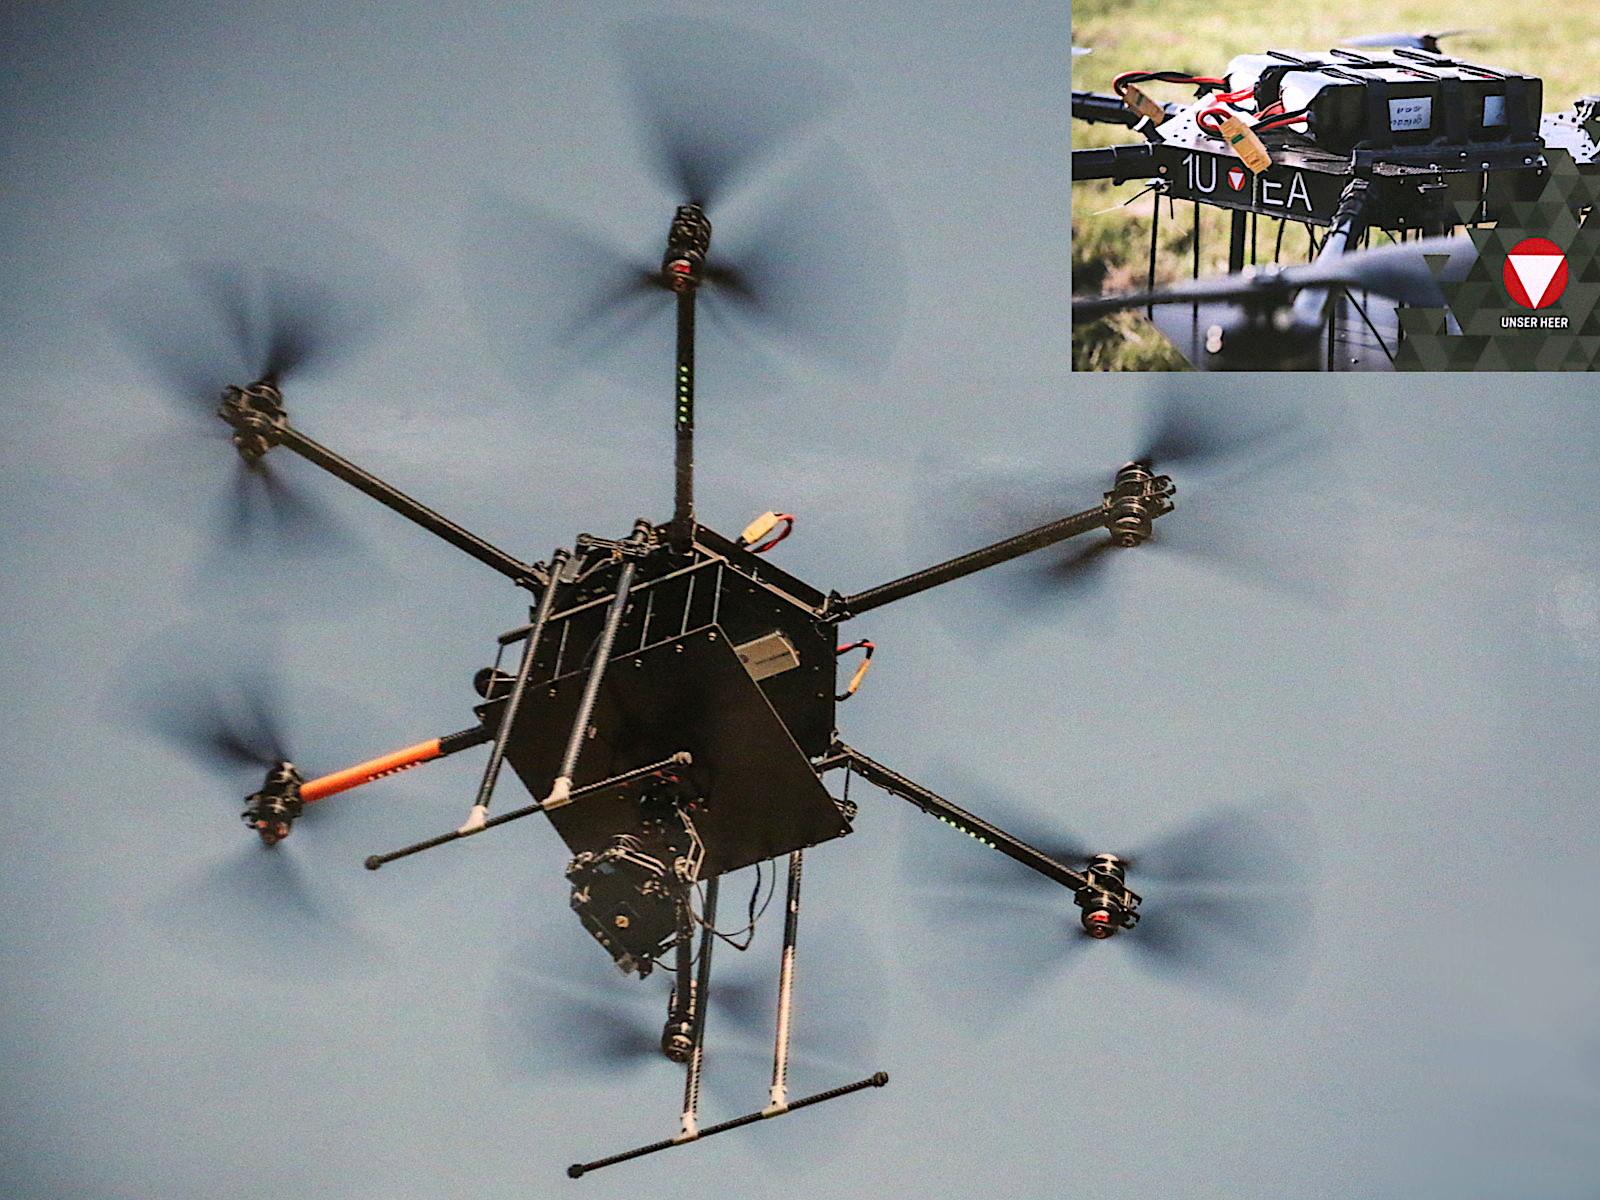 Dodeka Drohne der Luftbildaufklärung mit militärischer Kennung 1U-EA © Doppeladler.com